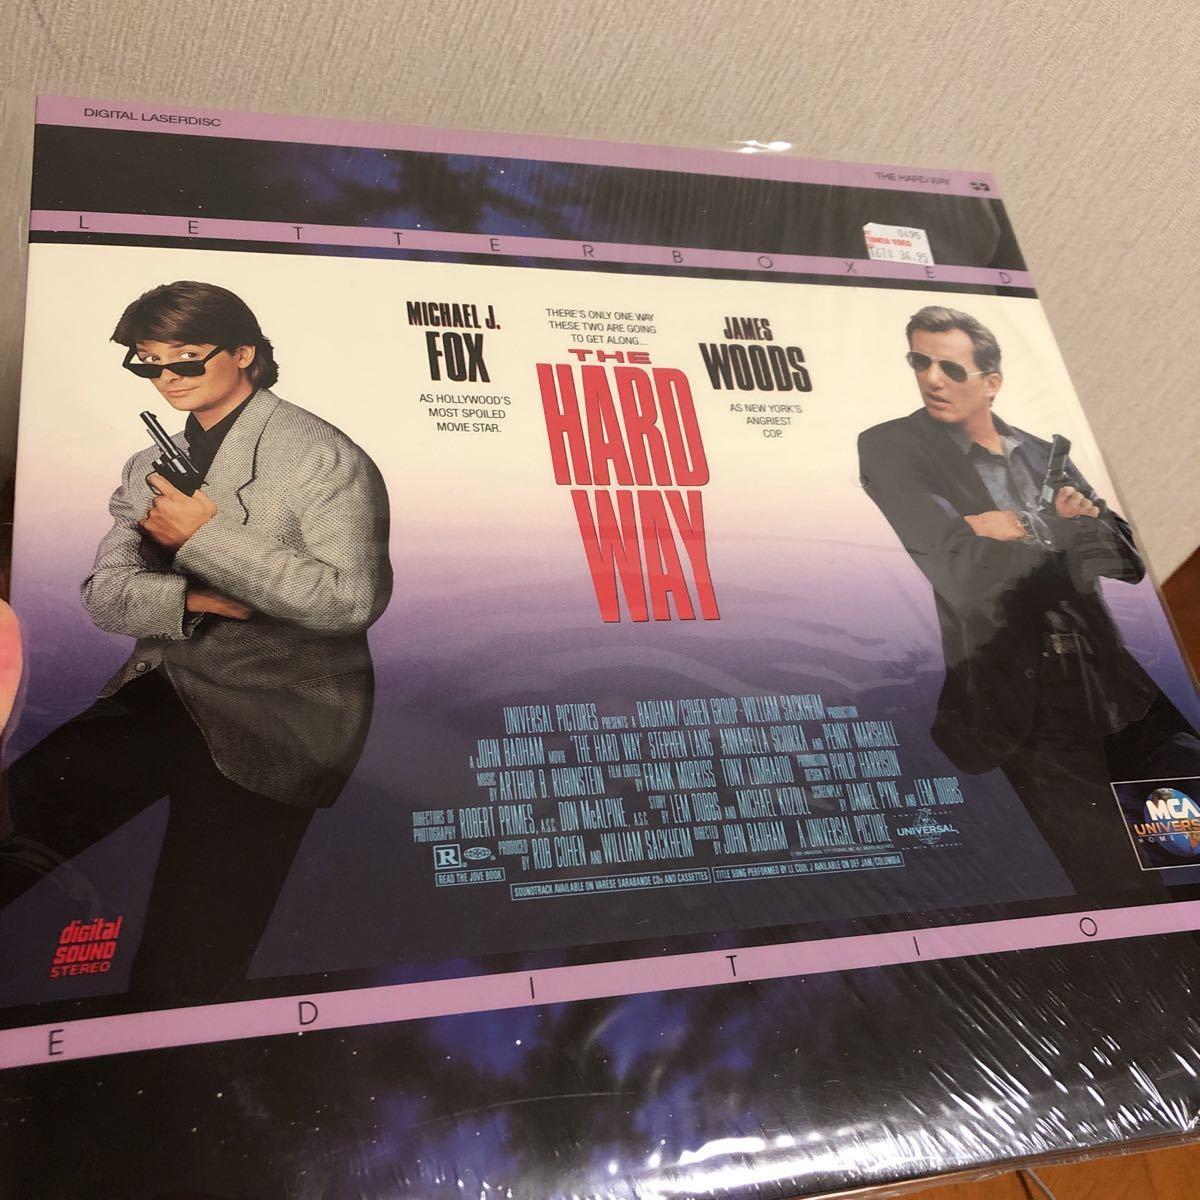 【新品】マイケル・J・フォックス Michael J. Fox 主演映画 LDレーザーディスク 4枚セット 洋画 輸入盤 ハード・ウェイ バラ色の選択 他_画像4